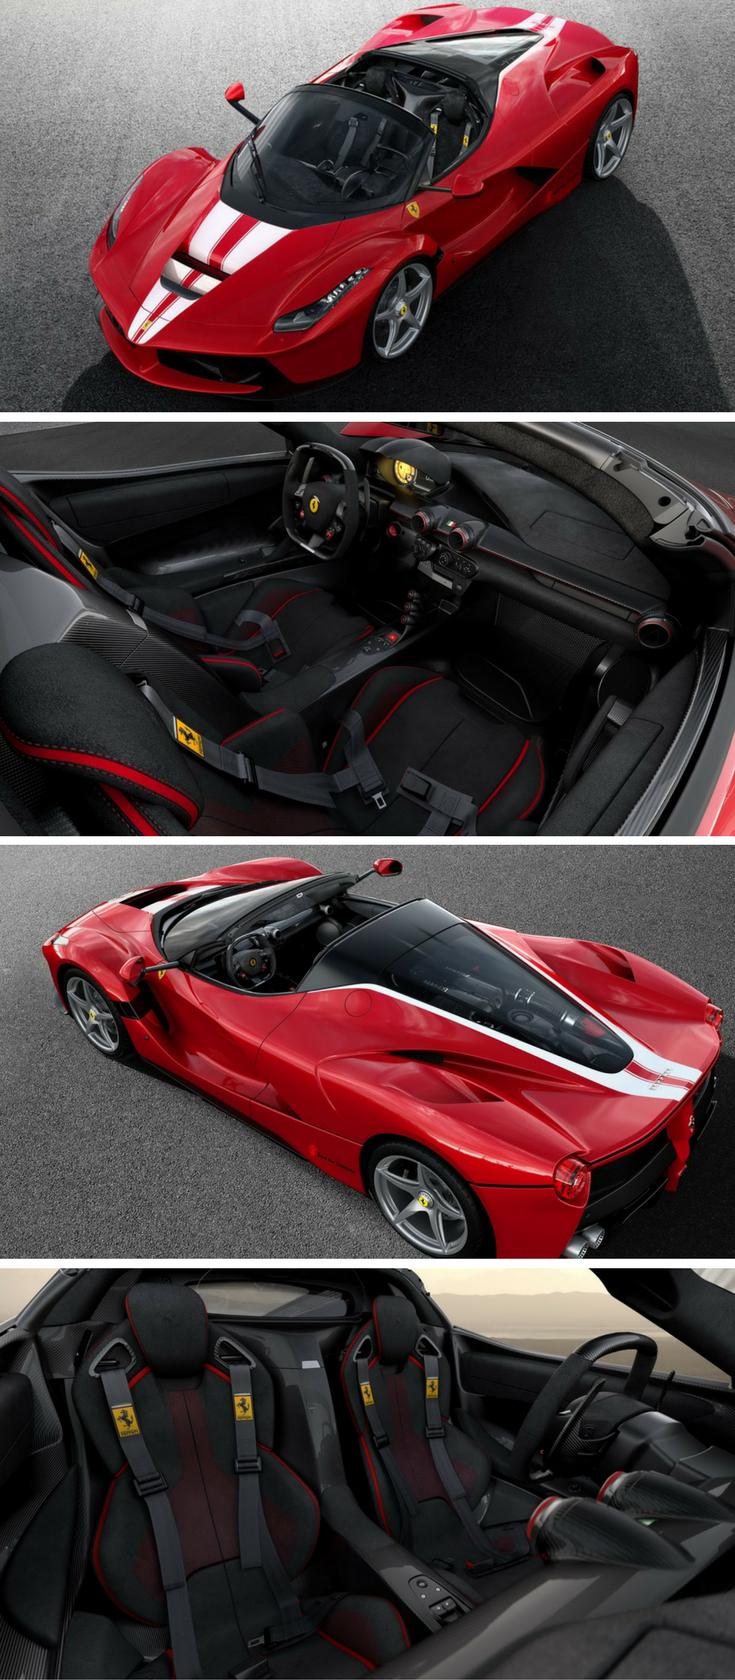 Final Ferrari Laferrari Aperta To Be Auctioned For Charity Ferrari Laferrari Ferrari Luxury Cars